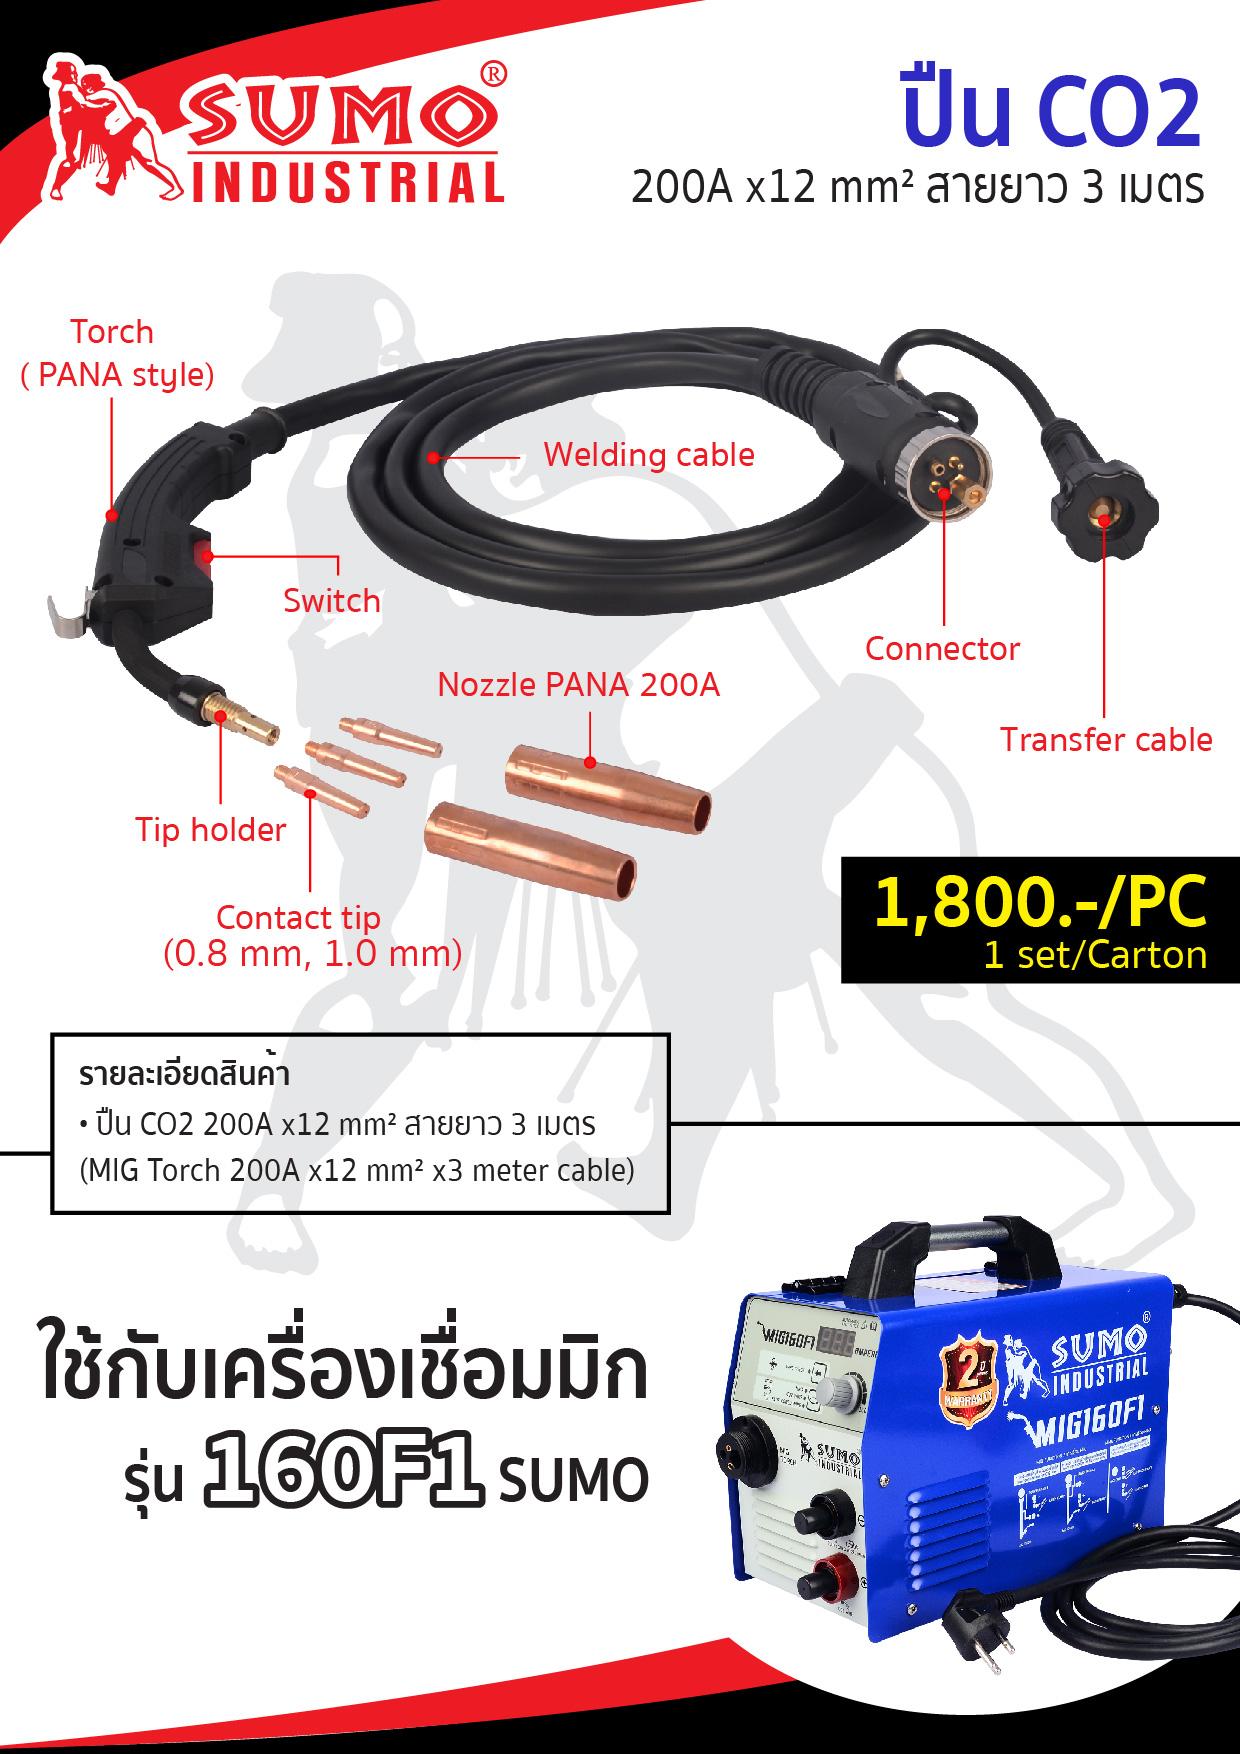 (2/18) อุปกรณ์เสริม MIG160F1